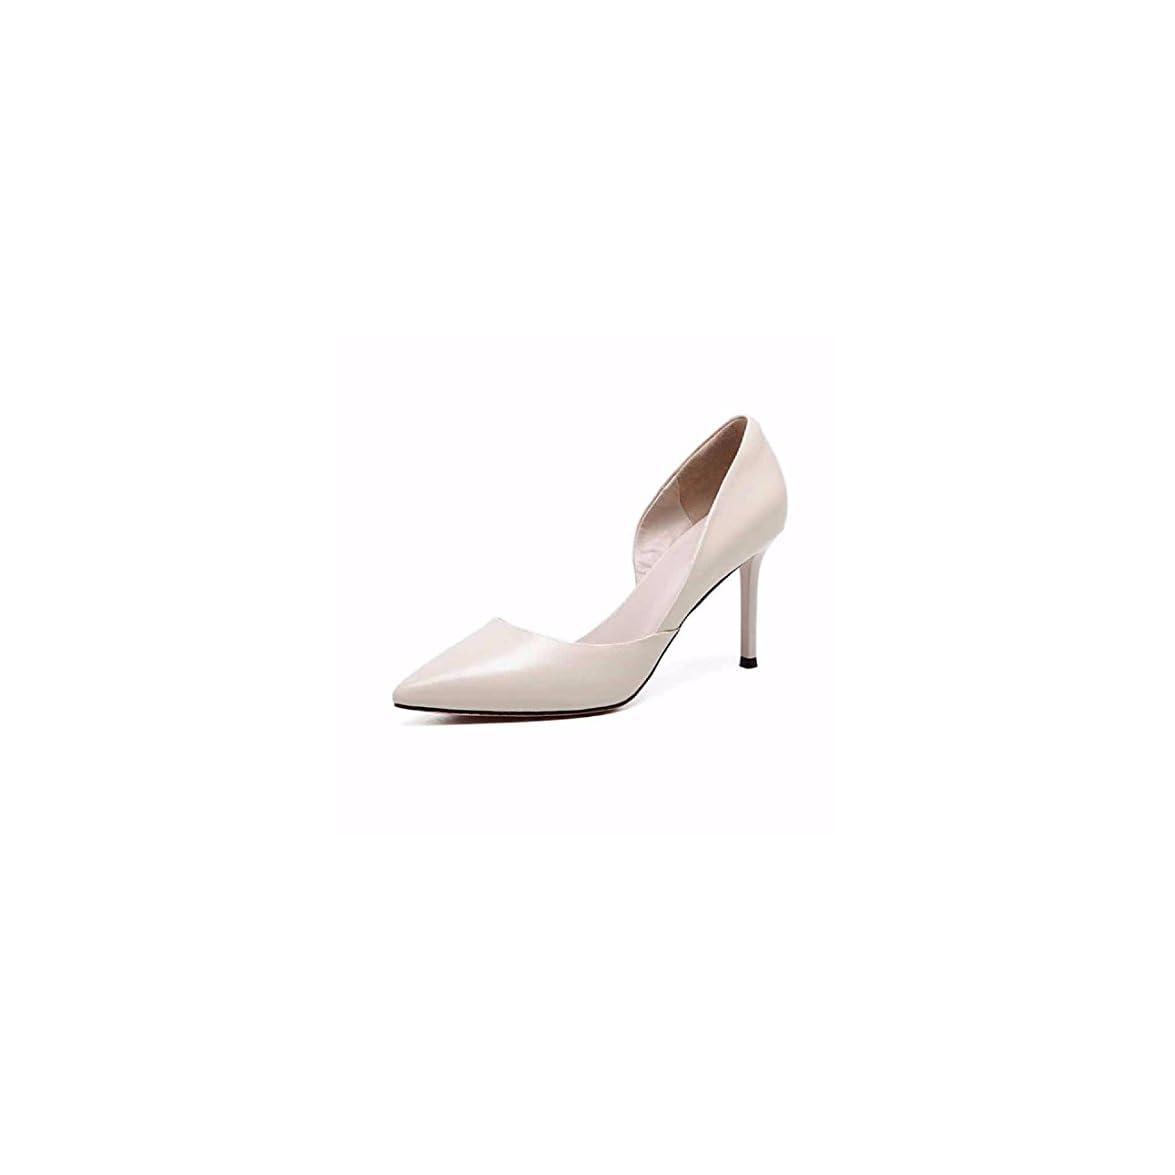 Qpssp High Heeled Shoes Con Grossolana Quadrato Solo Le Scarpe E Superficiale Delle Di Camoscio